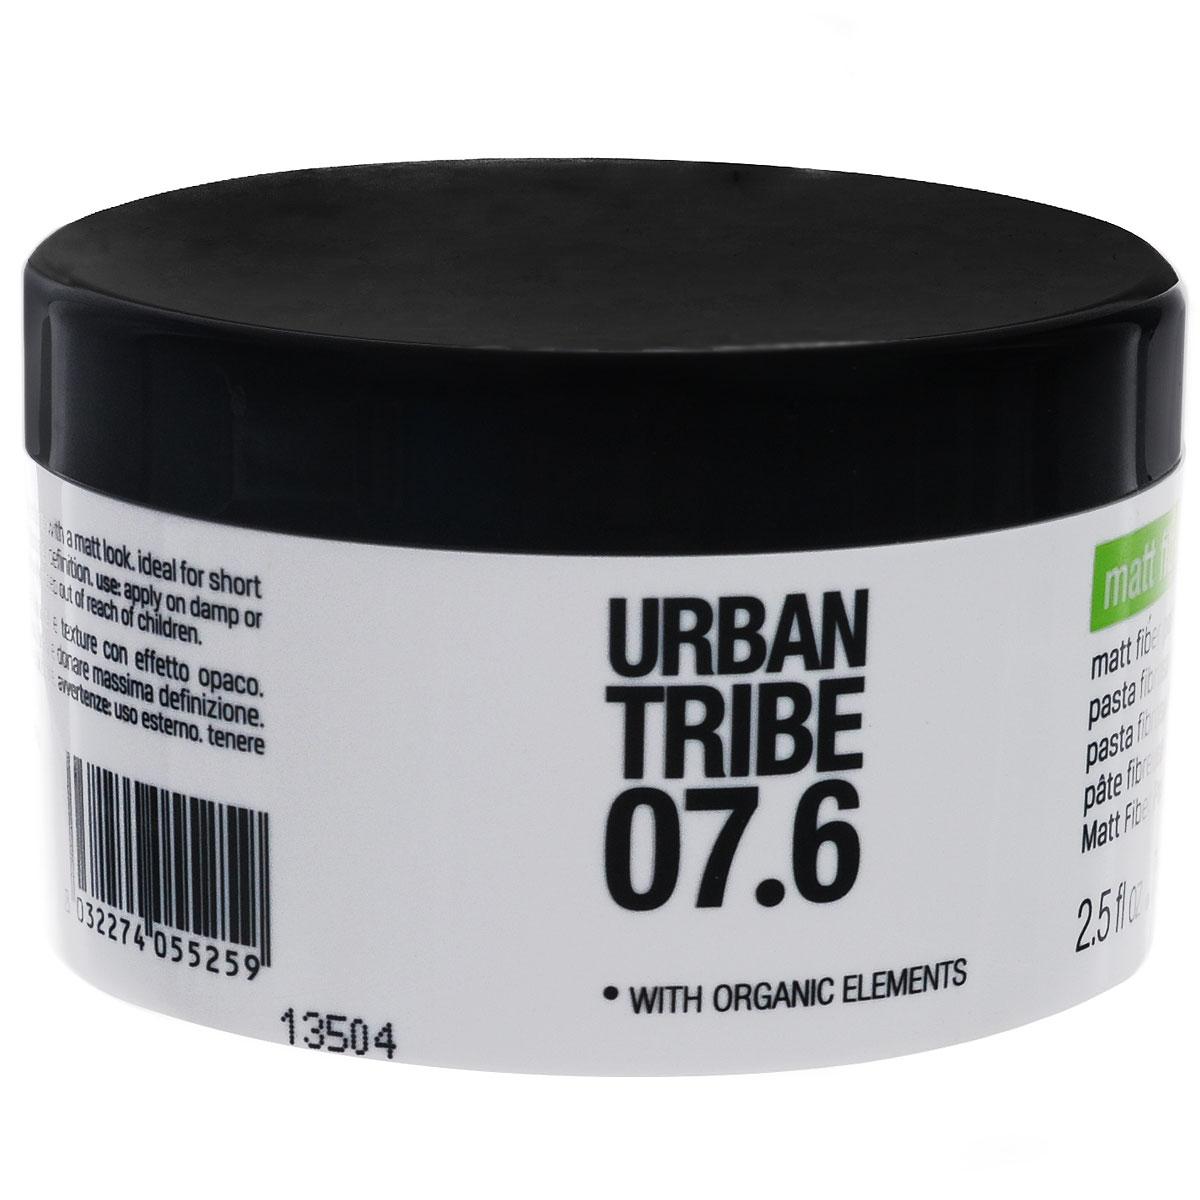 URBAN TRIBE Матирующая паста для придания объема 75 мл.55259Матирующая паста. Придает объем и текстуру, обеспечивает матовость.